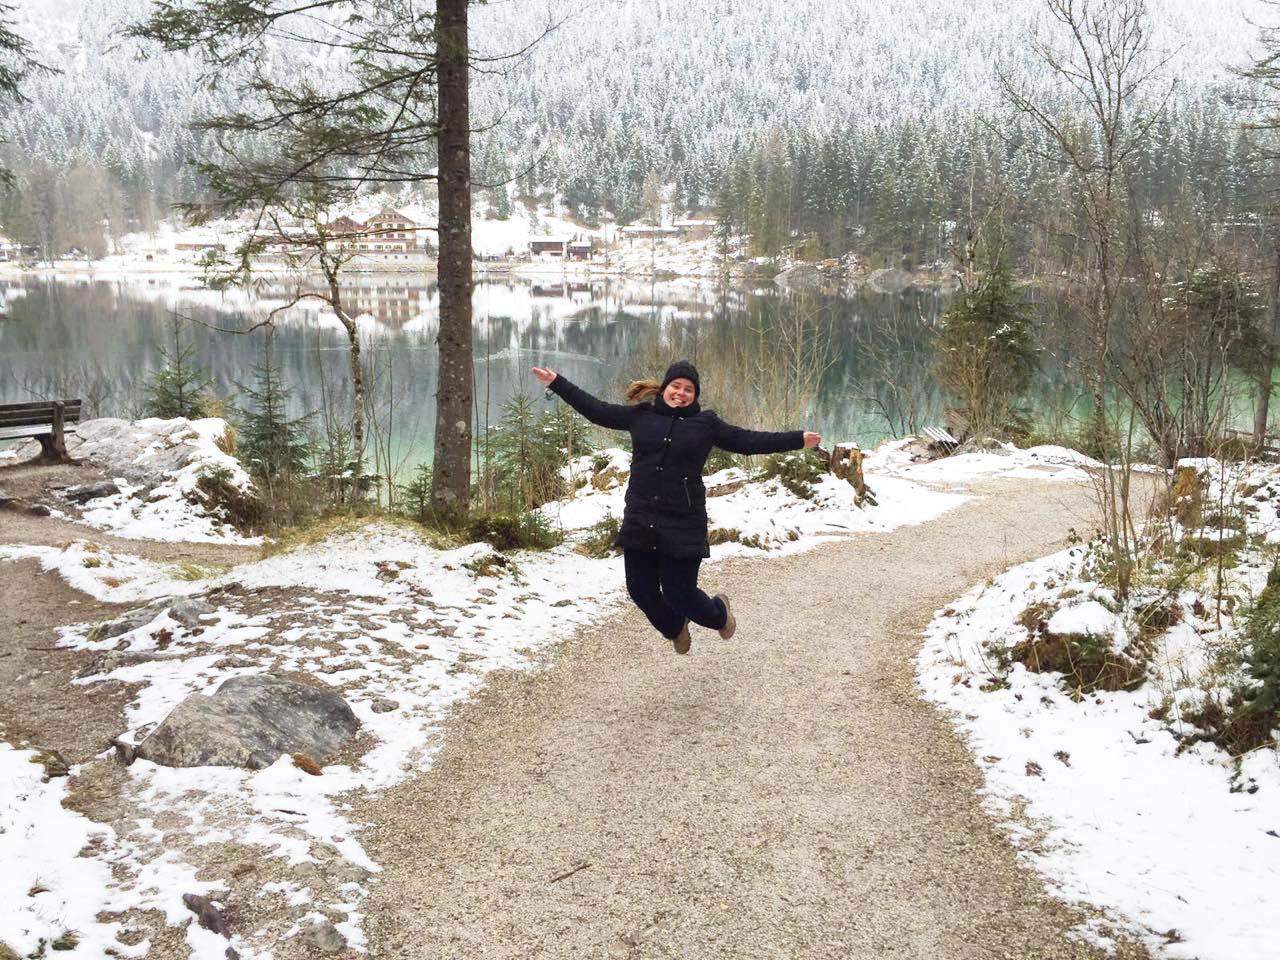 Curtindo o friozinho do inverno alemão em Berchtesgaden, na Baviera